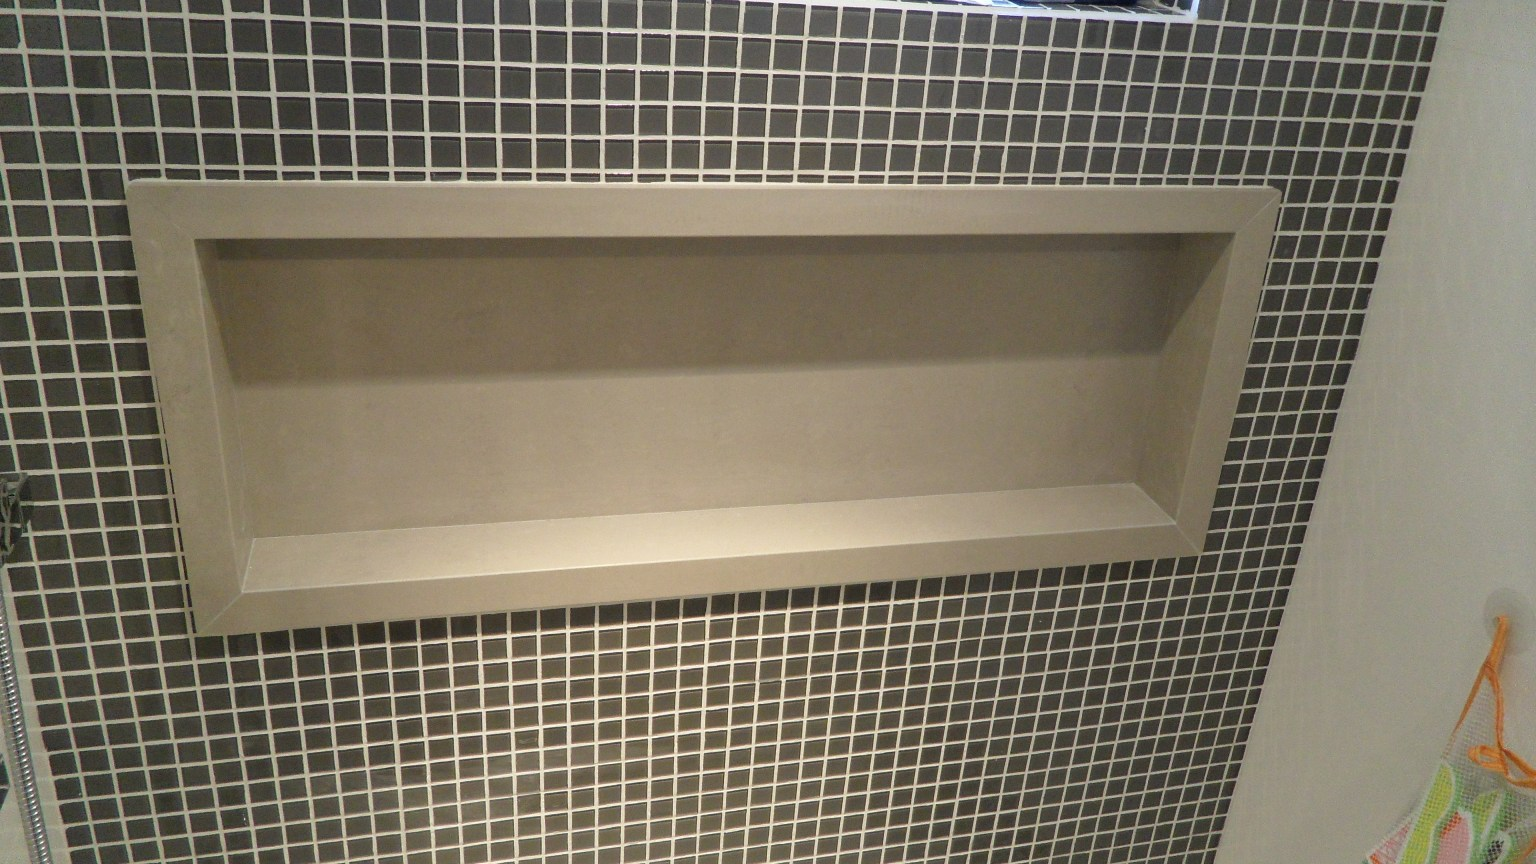 #836E48  porcelanato.: Bancada e Nicho Porcelanato Portinari por Bel Taglio 1536x864 px Banheiros Decorados Com Porcelanato Portinari 1099